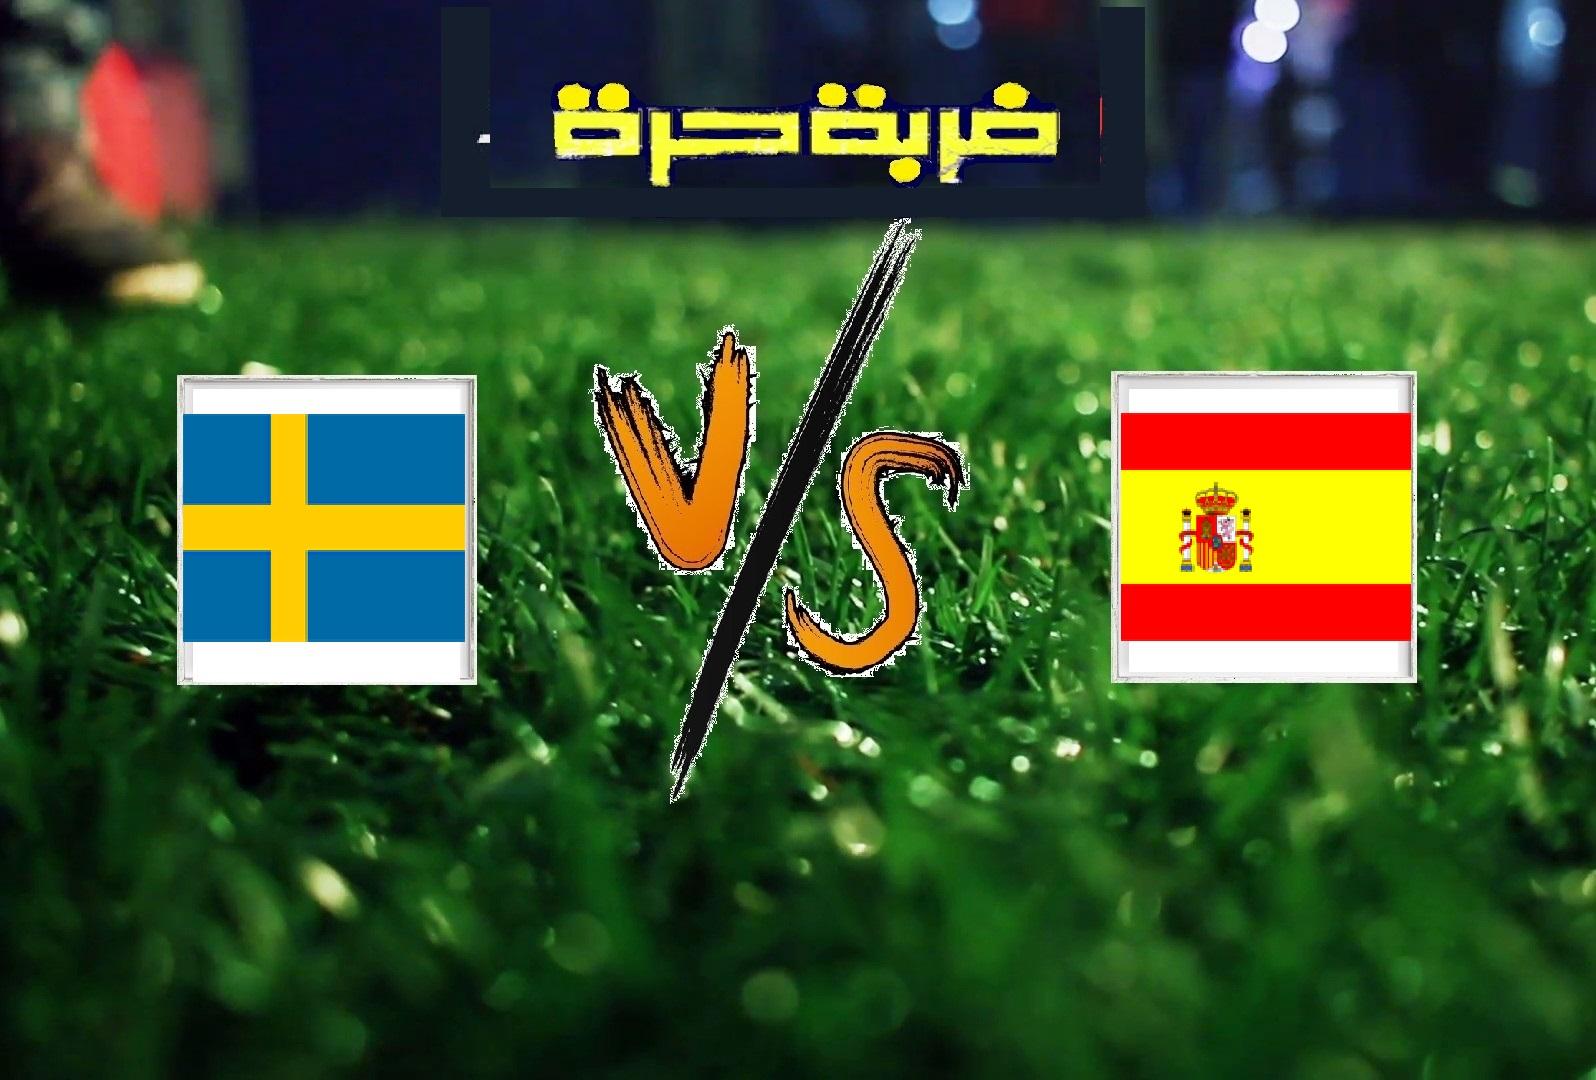 اسبانيا تفوز على السويد بثلاثة أهداف دون رد في التصفيات المؤهلة ليورو 2020